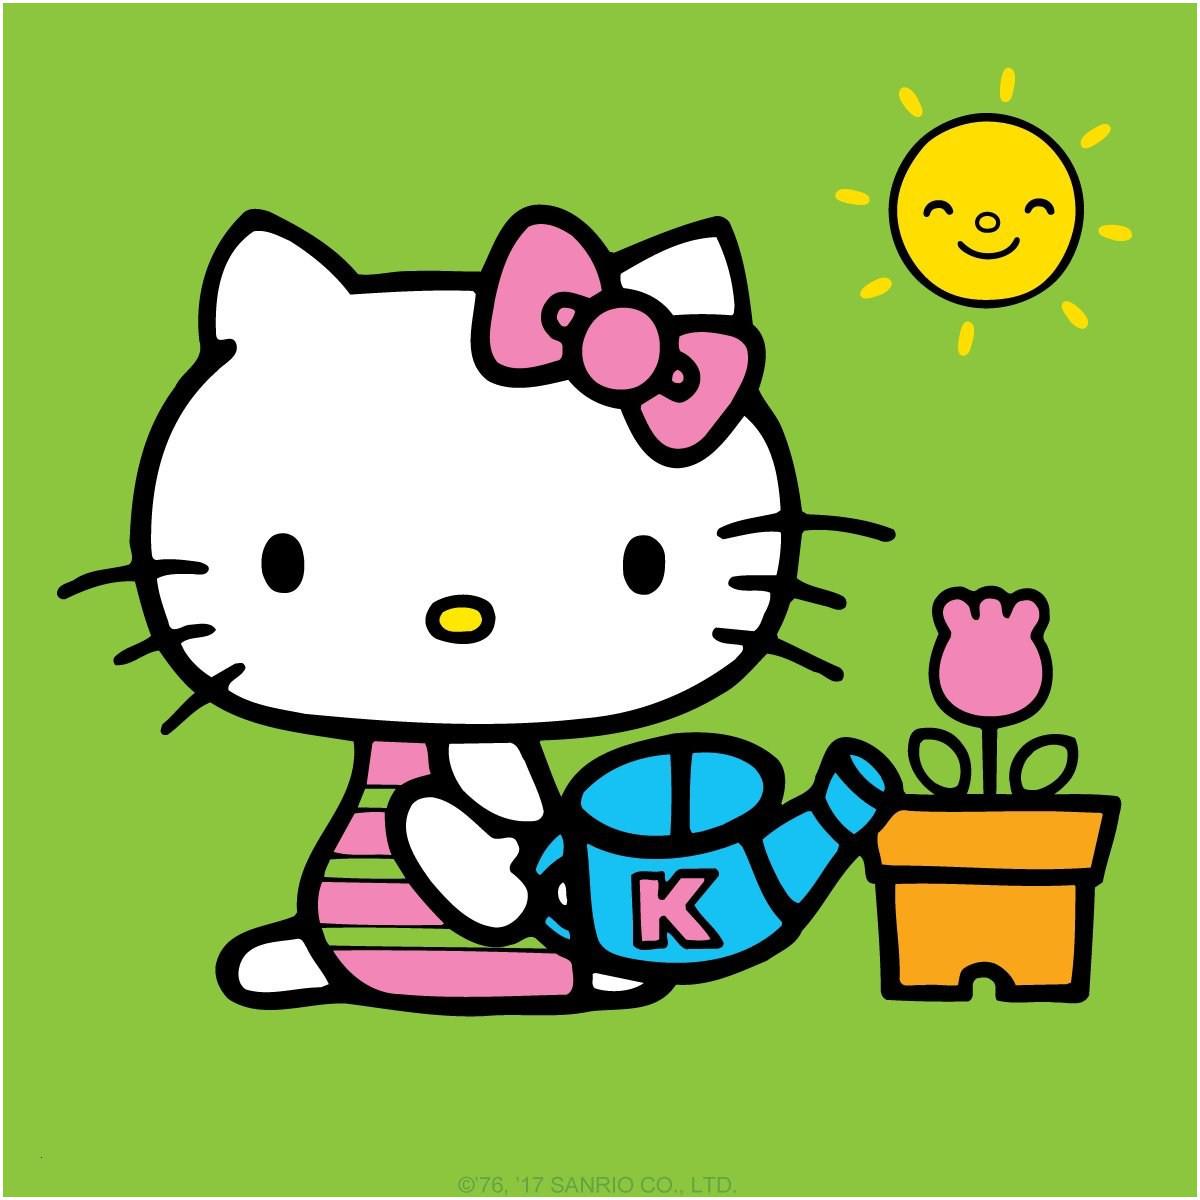 Hello Kitty Ausmalbild Einzigartig 40 Fantastisch Hello Kitty Malvorlage – Große Coloring Page Sammlung Galerie